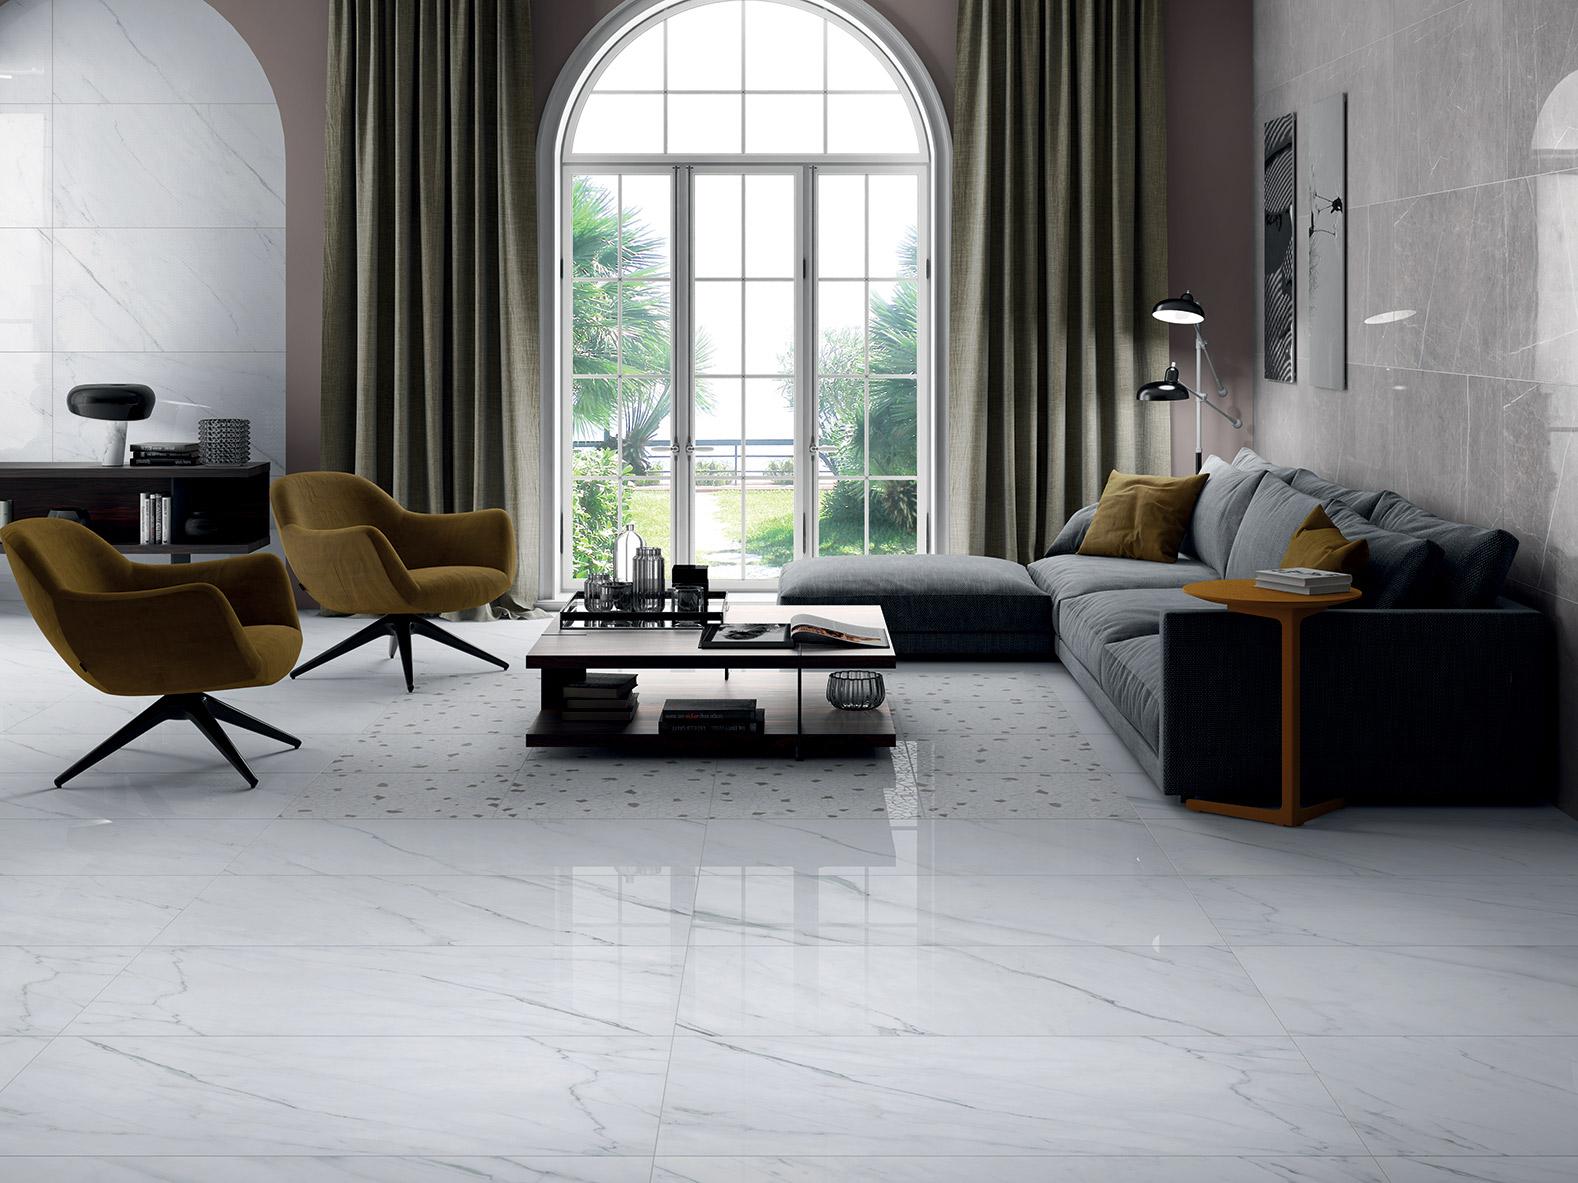 Pavimento Finto Marmo Lucido serie marmo lab - pavimenti e rivestimenti - armonie ceramiche